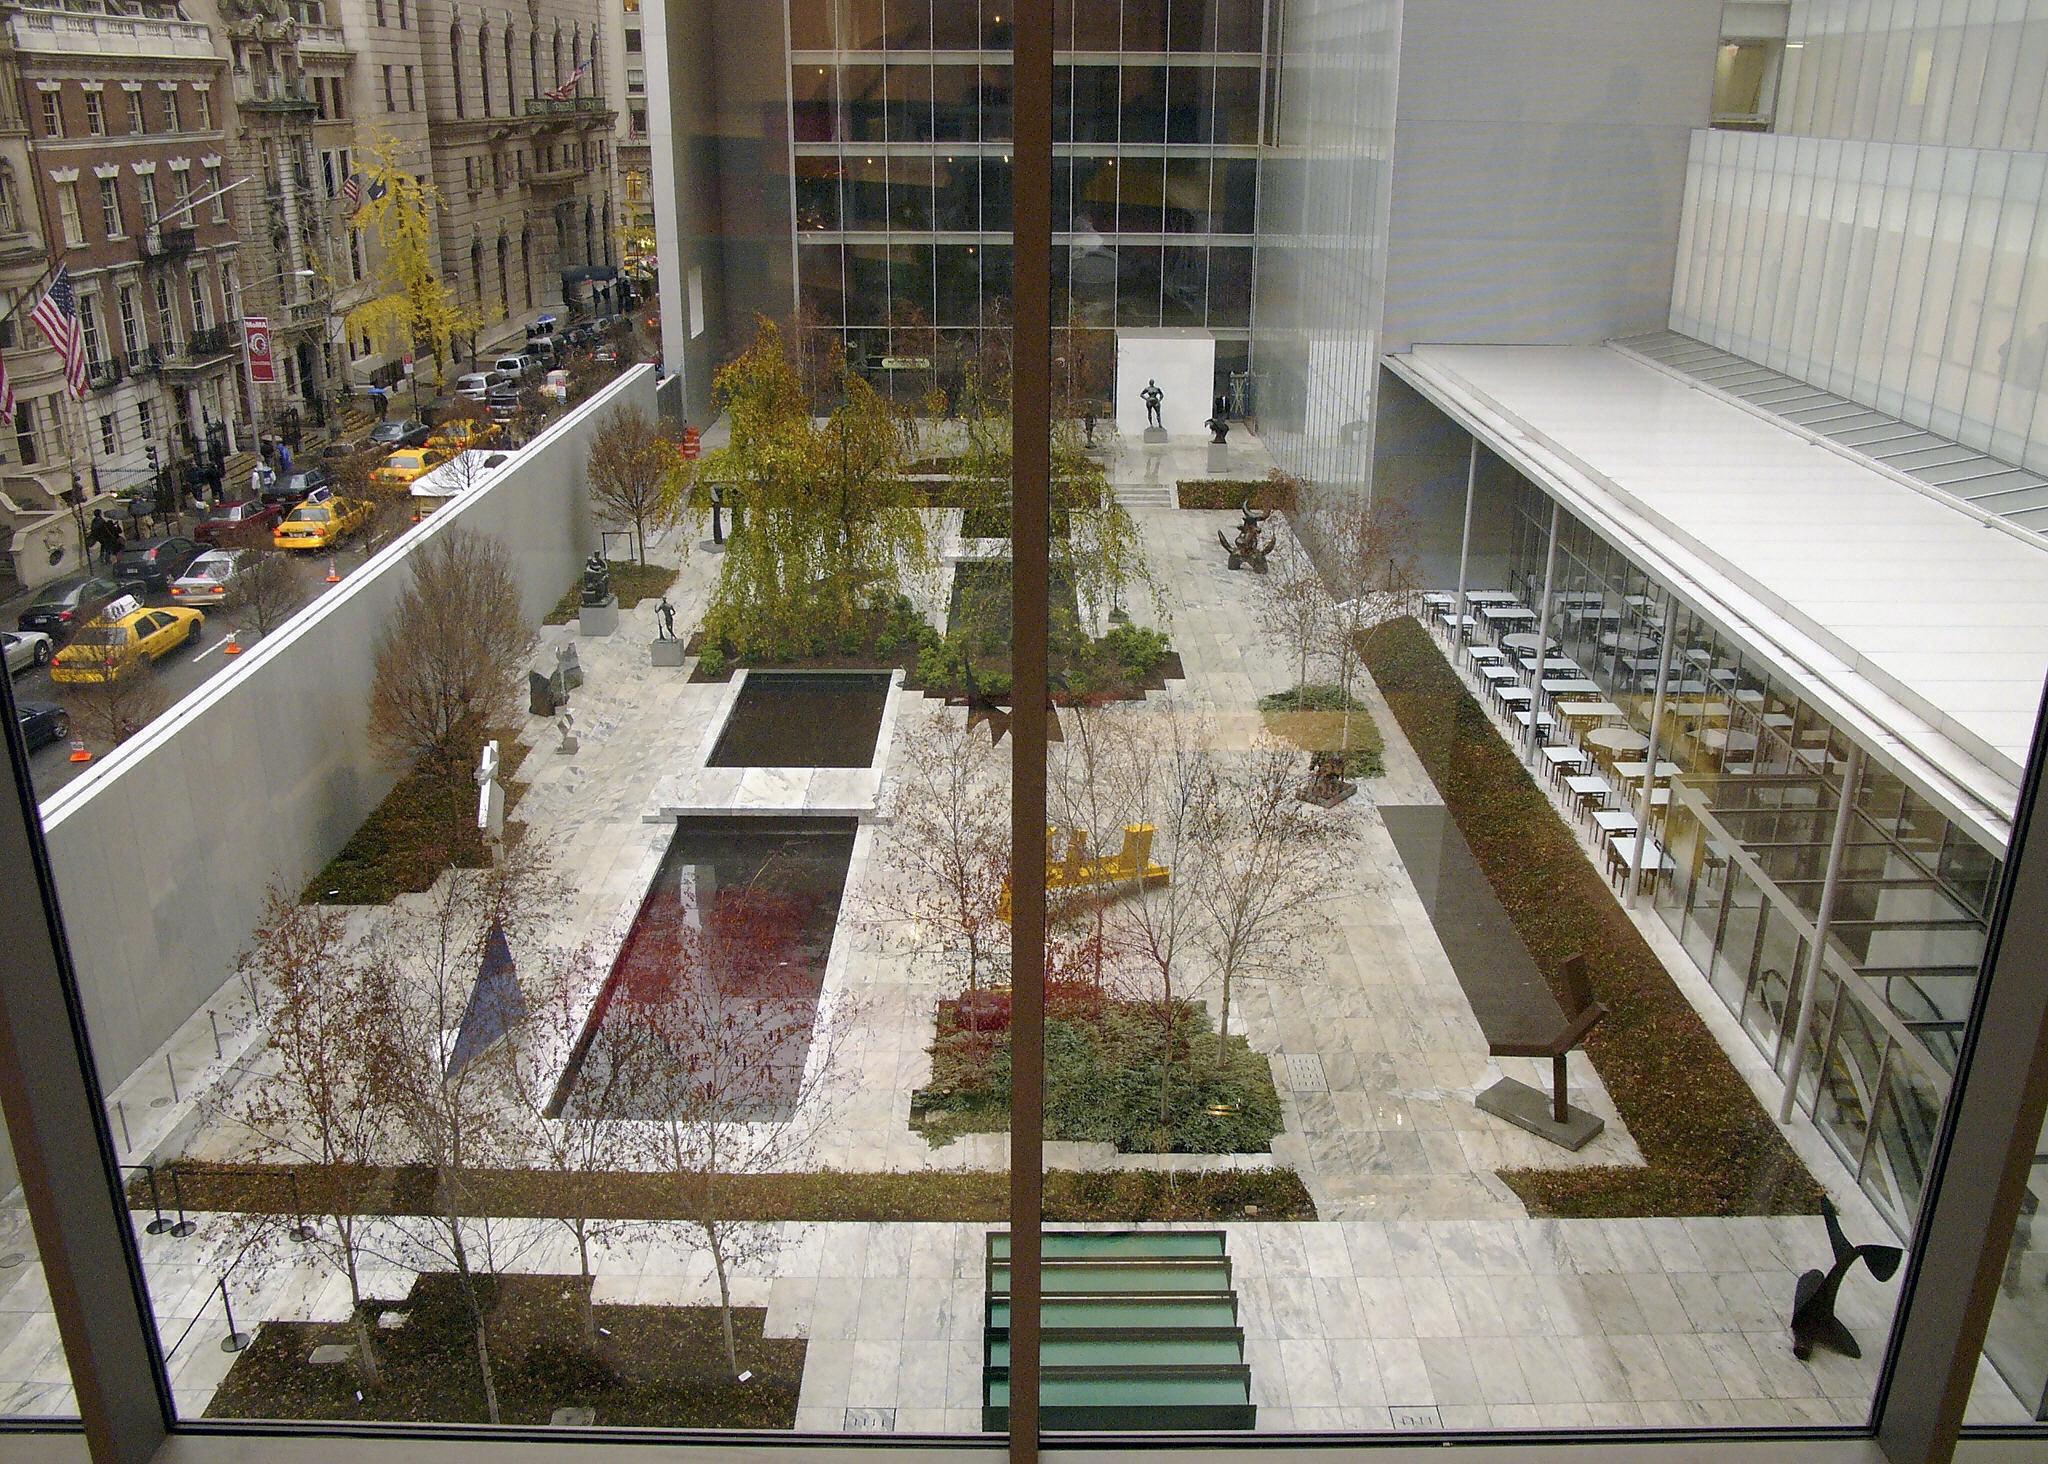 The sculpture garden of the Museum of Modern Art